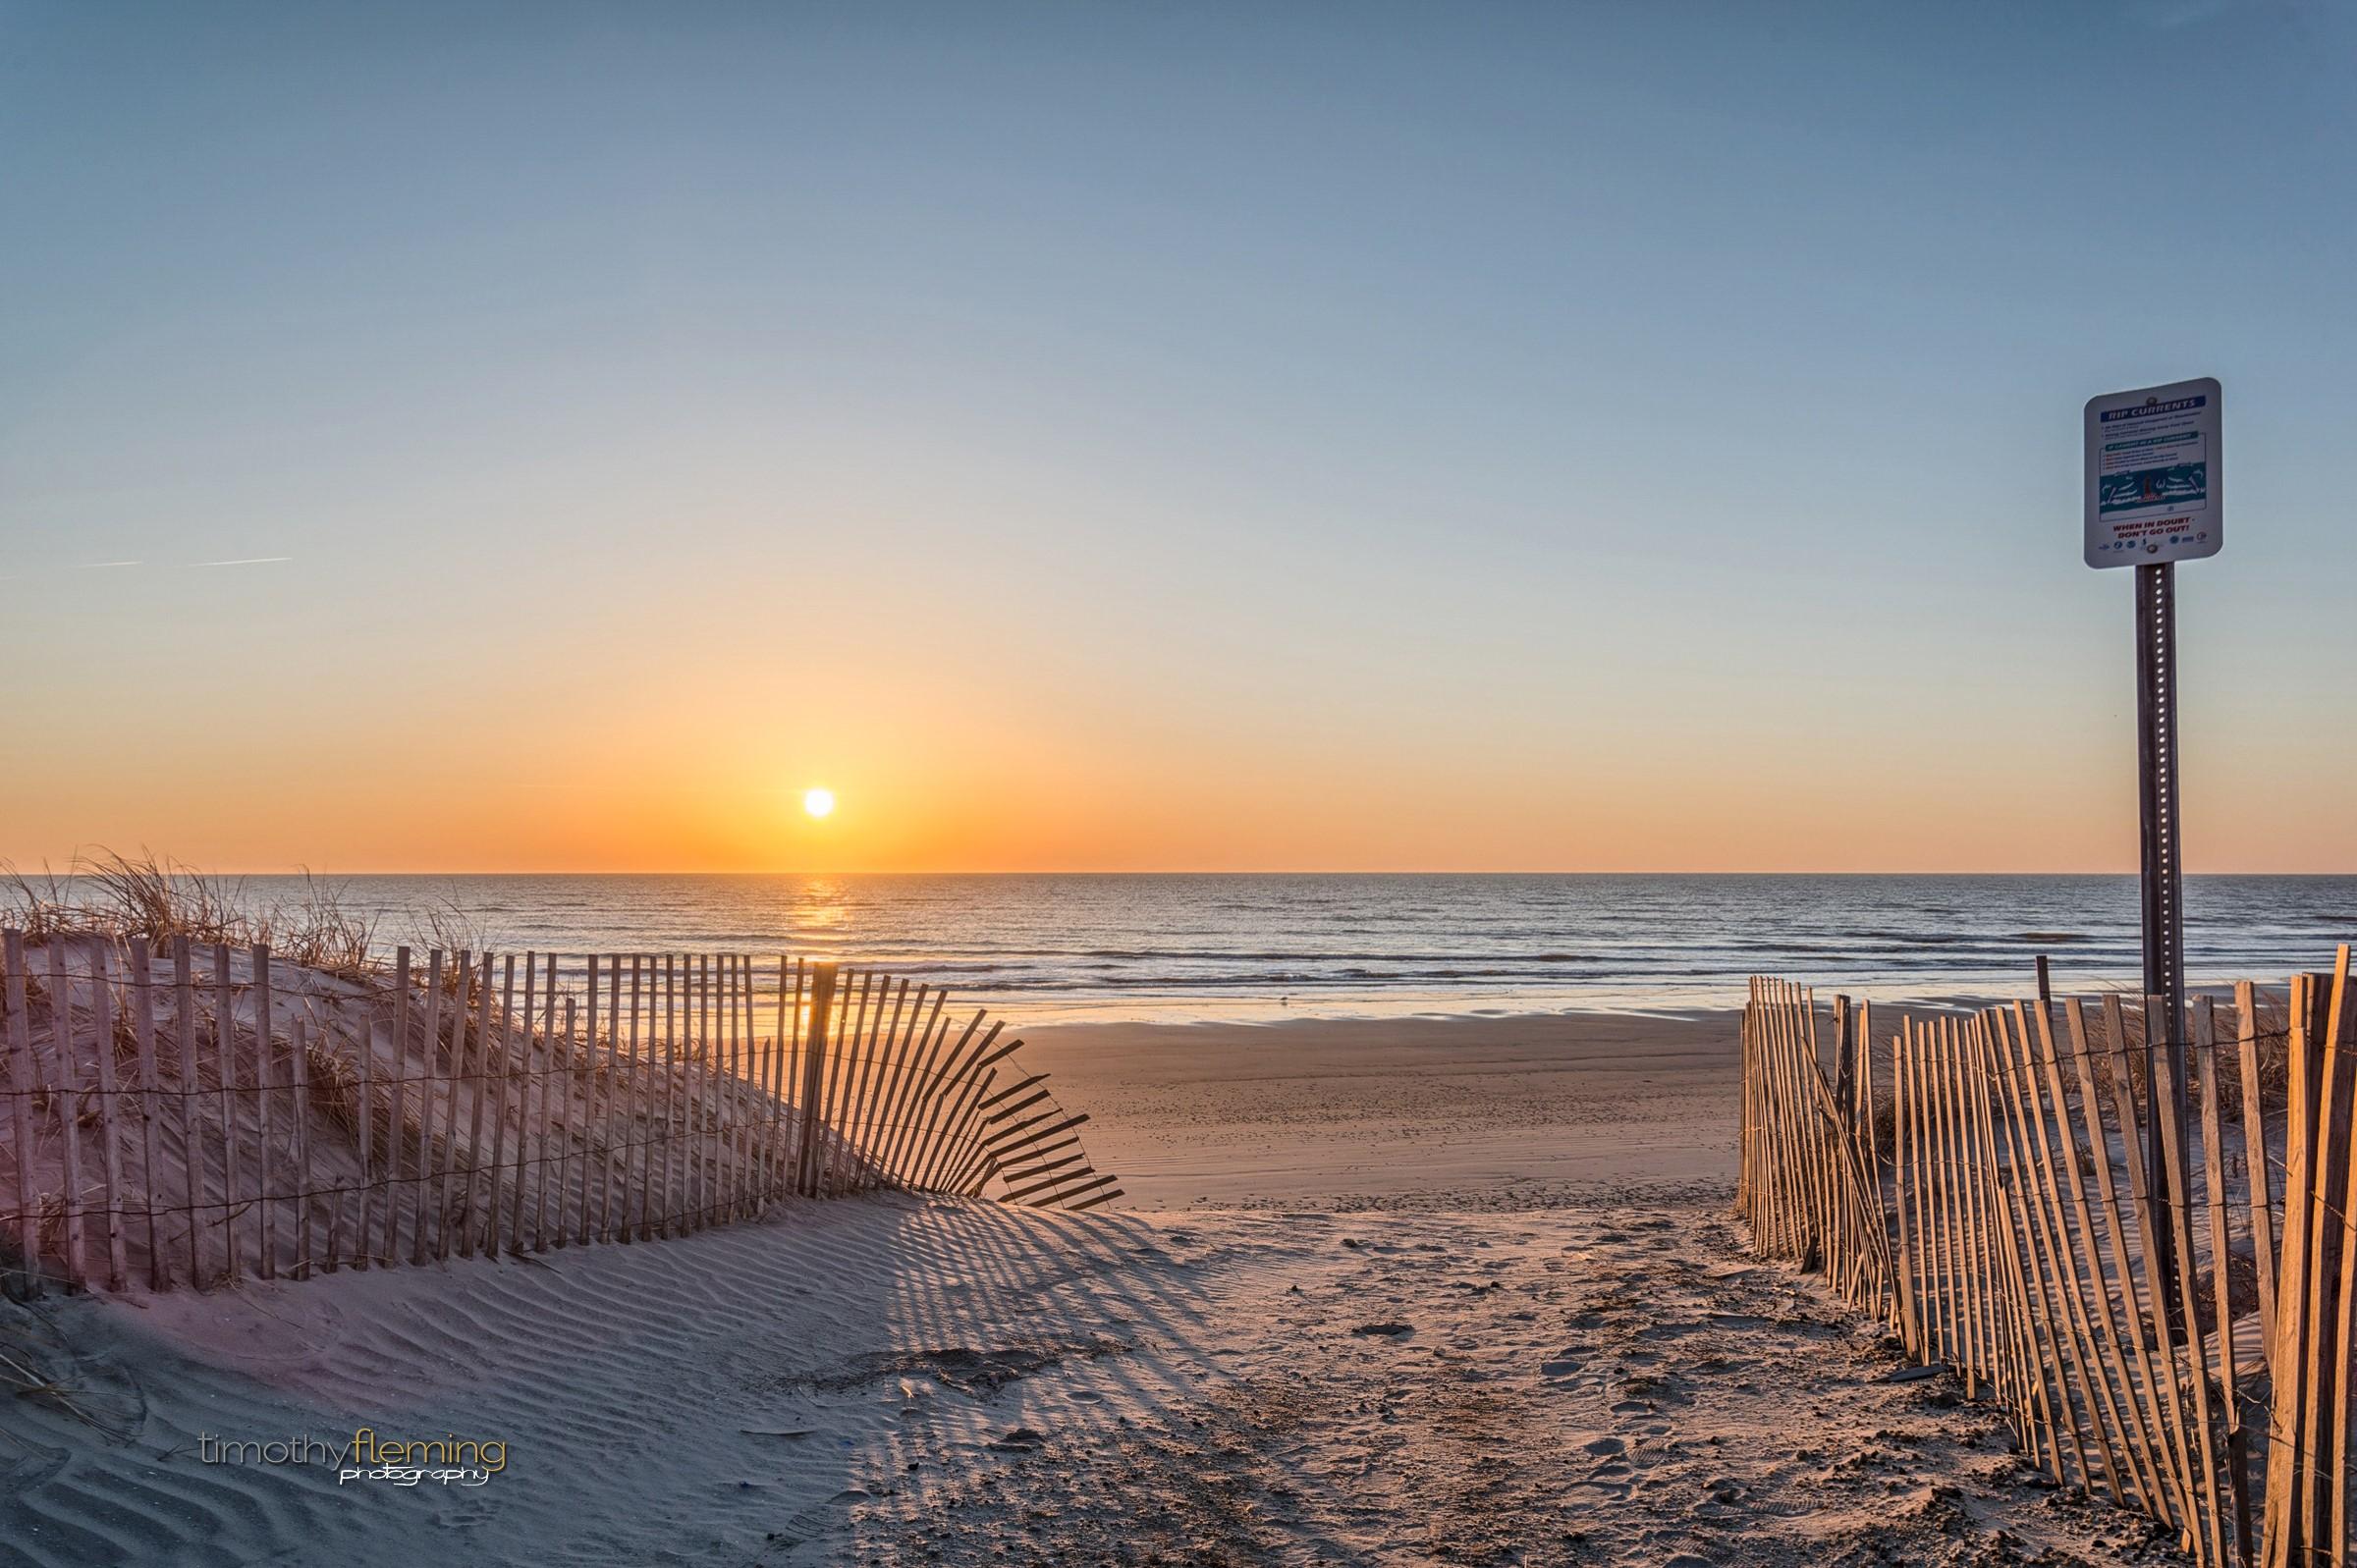 Sunrise in Wildwood, NJ